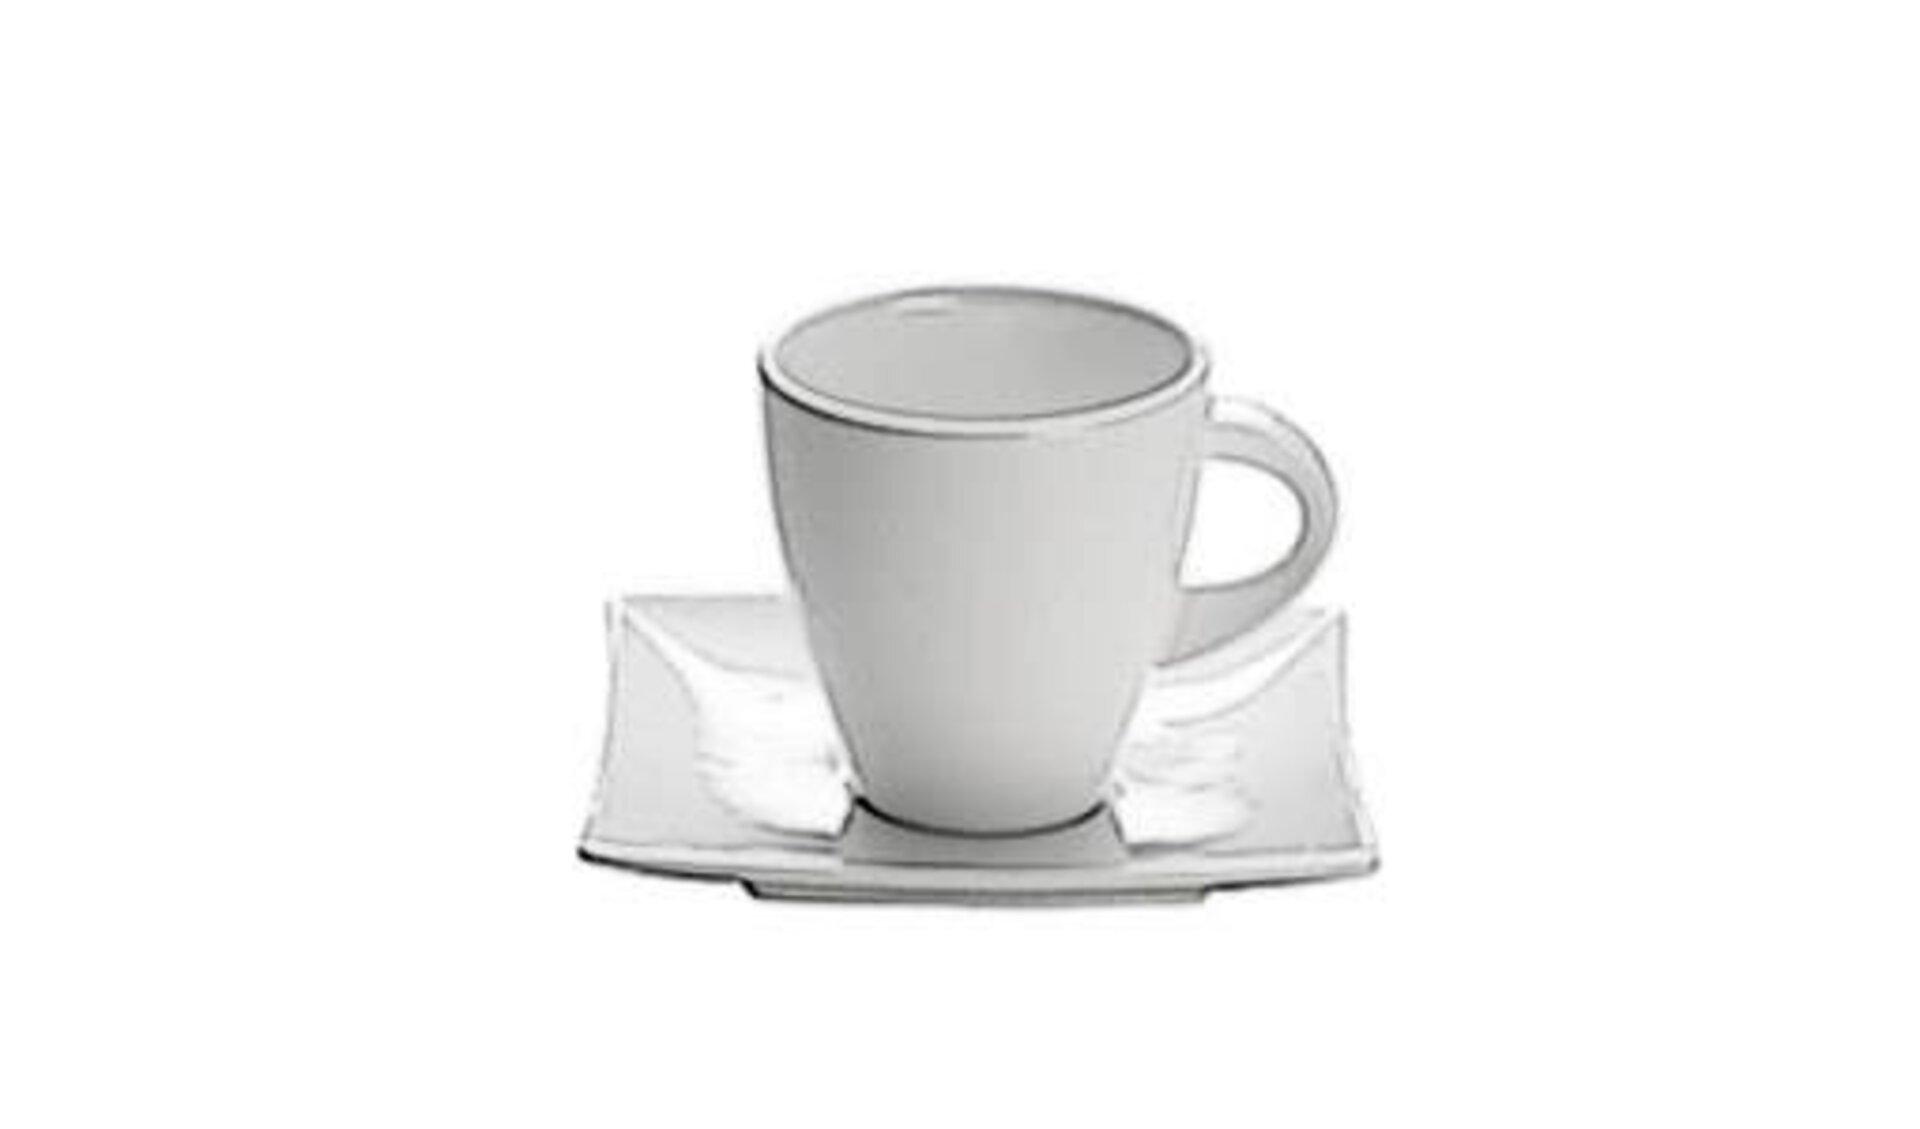 """Porzellantasse auf Untertasse steht für alle Tassen und Becher innerhalb der Kategorie """"Geschirr""""."""